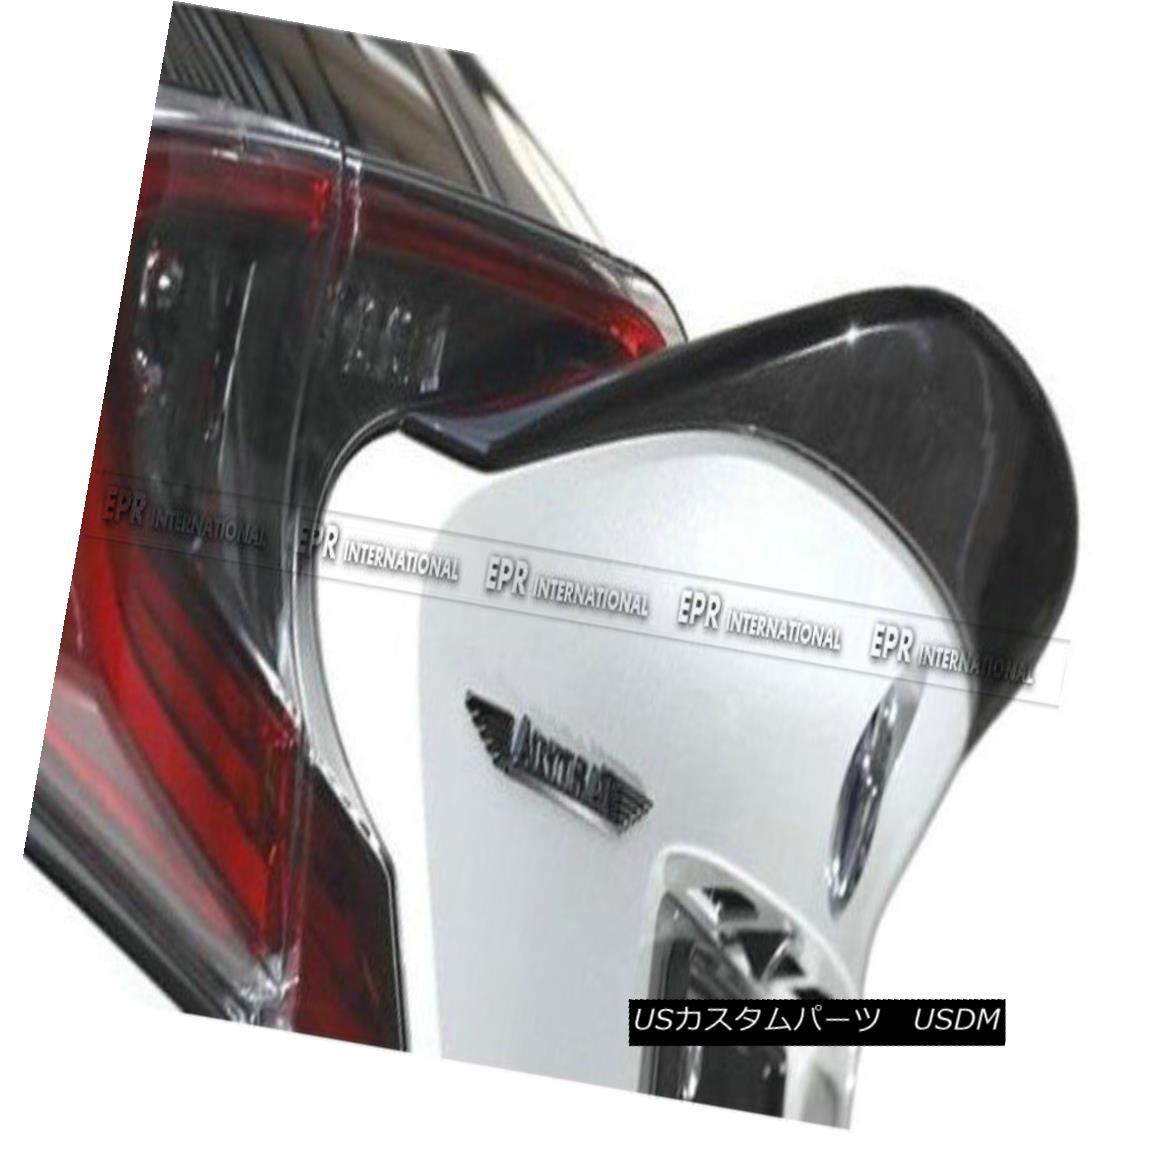 エアロパーツ on For Rear Toyota C-HR Rear Gate Spoiler ARS ARS Style Rear Trunk Wing Add on Carbon Fiber トヨタC-HRリア・ゲート・スポイラーARSスタイルリア・トランク・ウィング・カーボン・ファイバー, ARTPHERE(アートフィアー)E-SHOP:759f0296 --- officewill.xsrv.jp